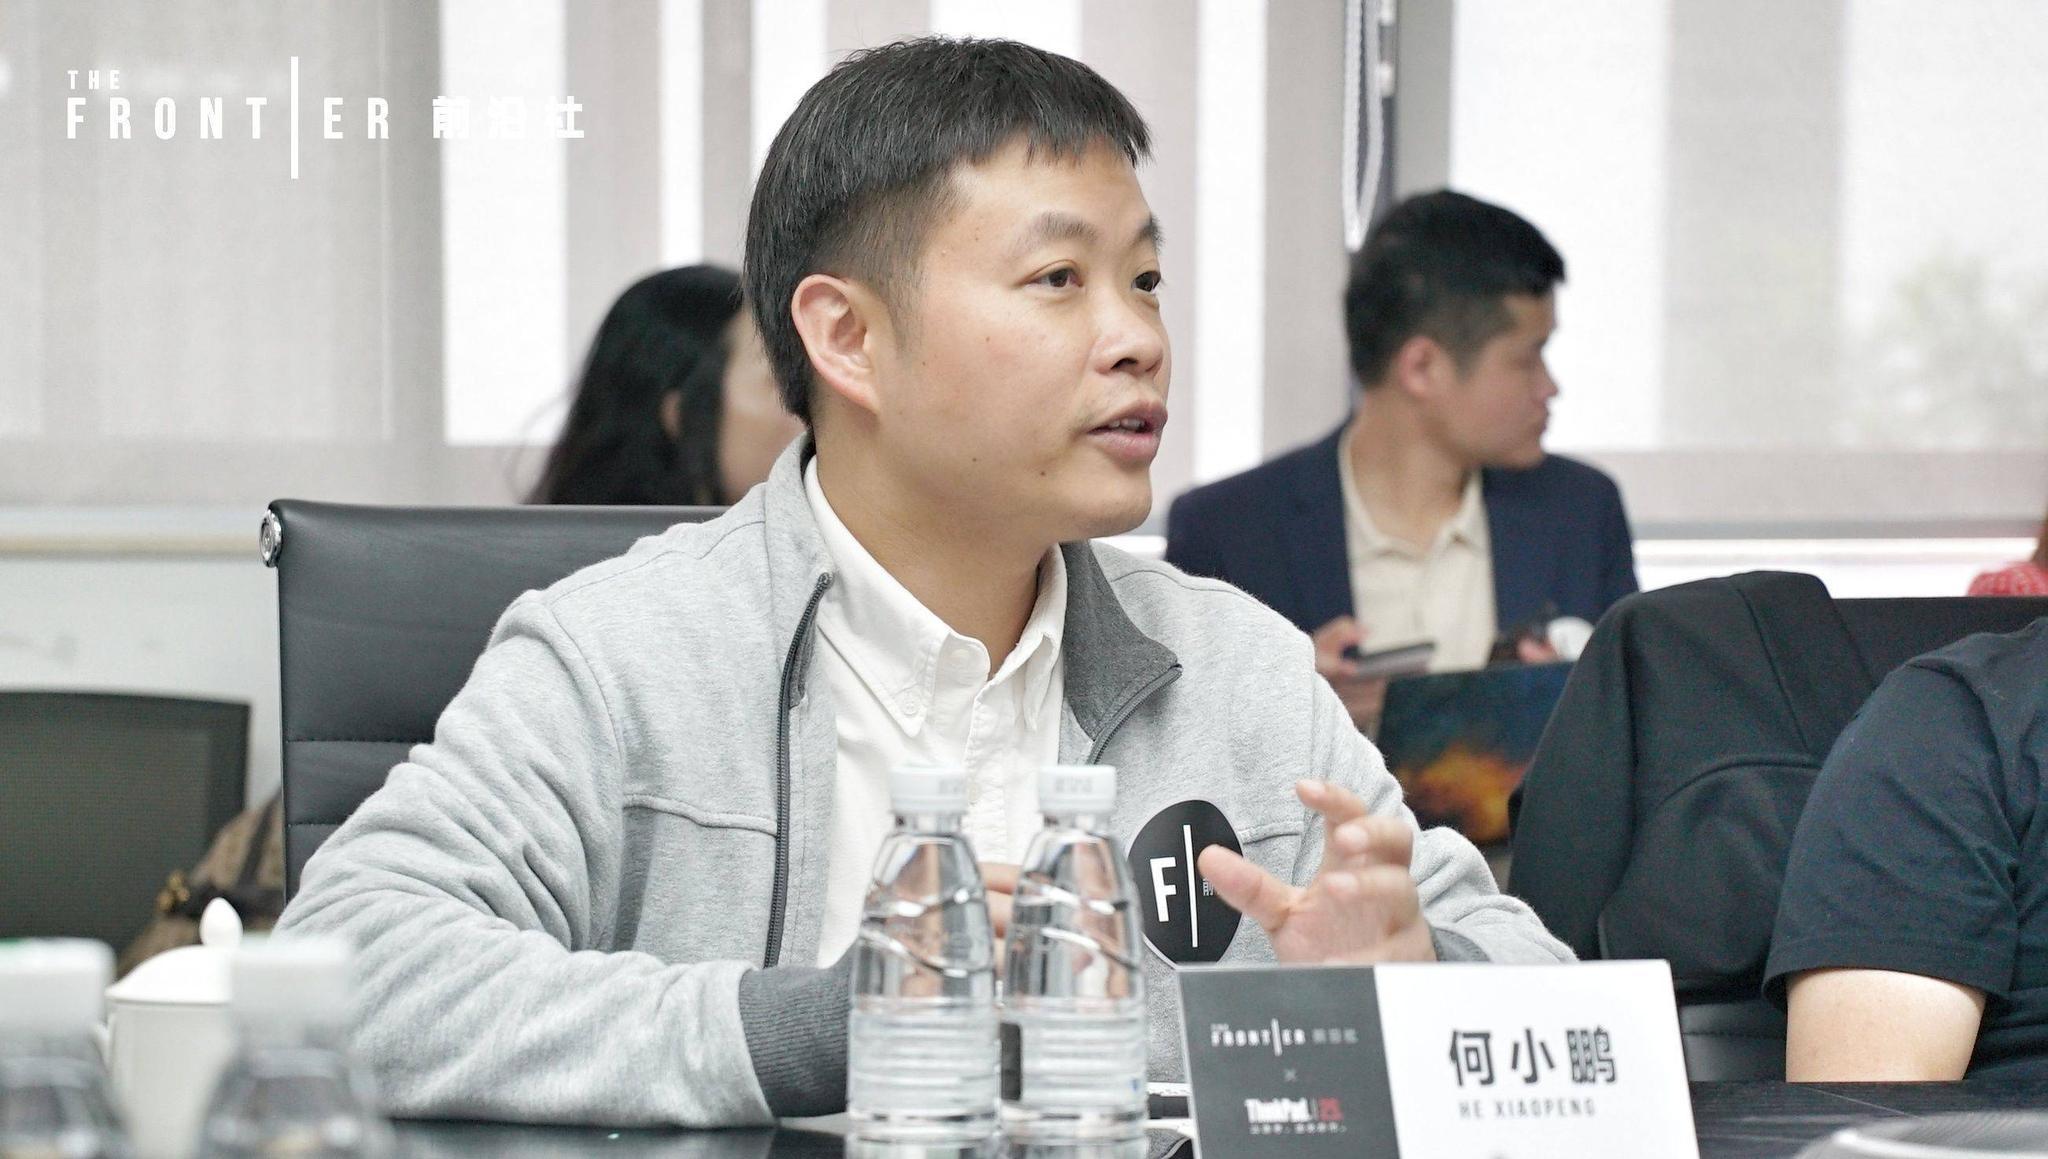 何小鹏内部信:50 亿融资完成,2018 年春上市车型宣布